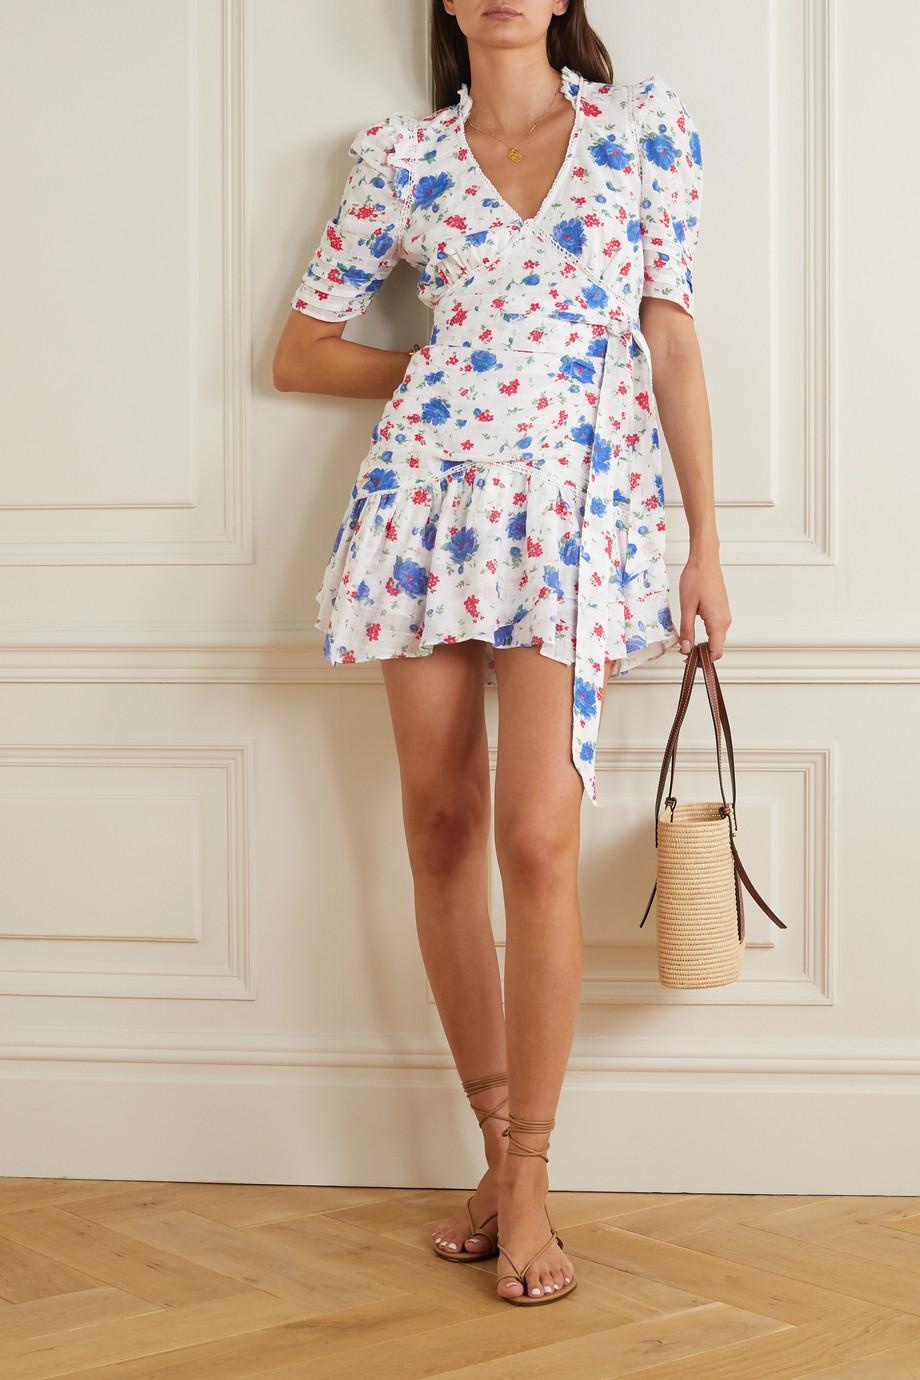 LoveShackFancy Mini-robe en coton à imprimé fleuri, finitions en crochet, volants et ceinture Arlo